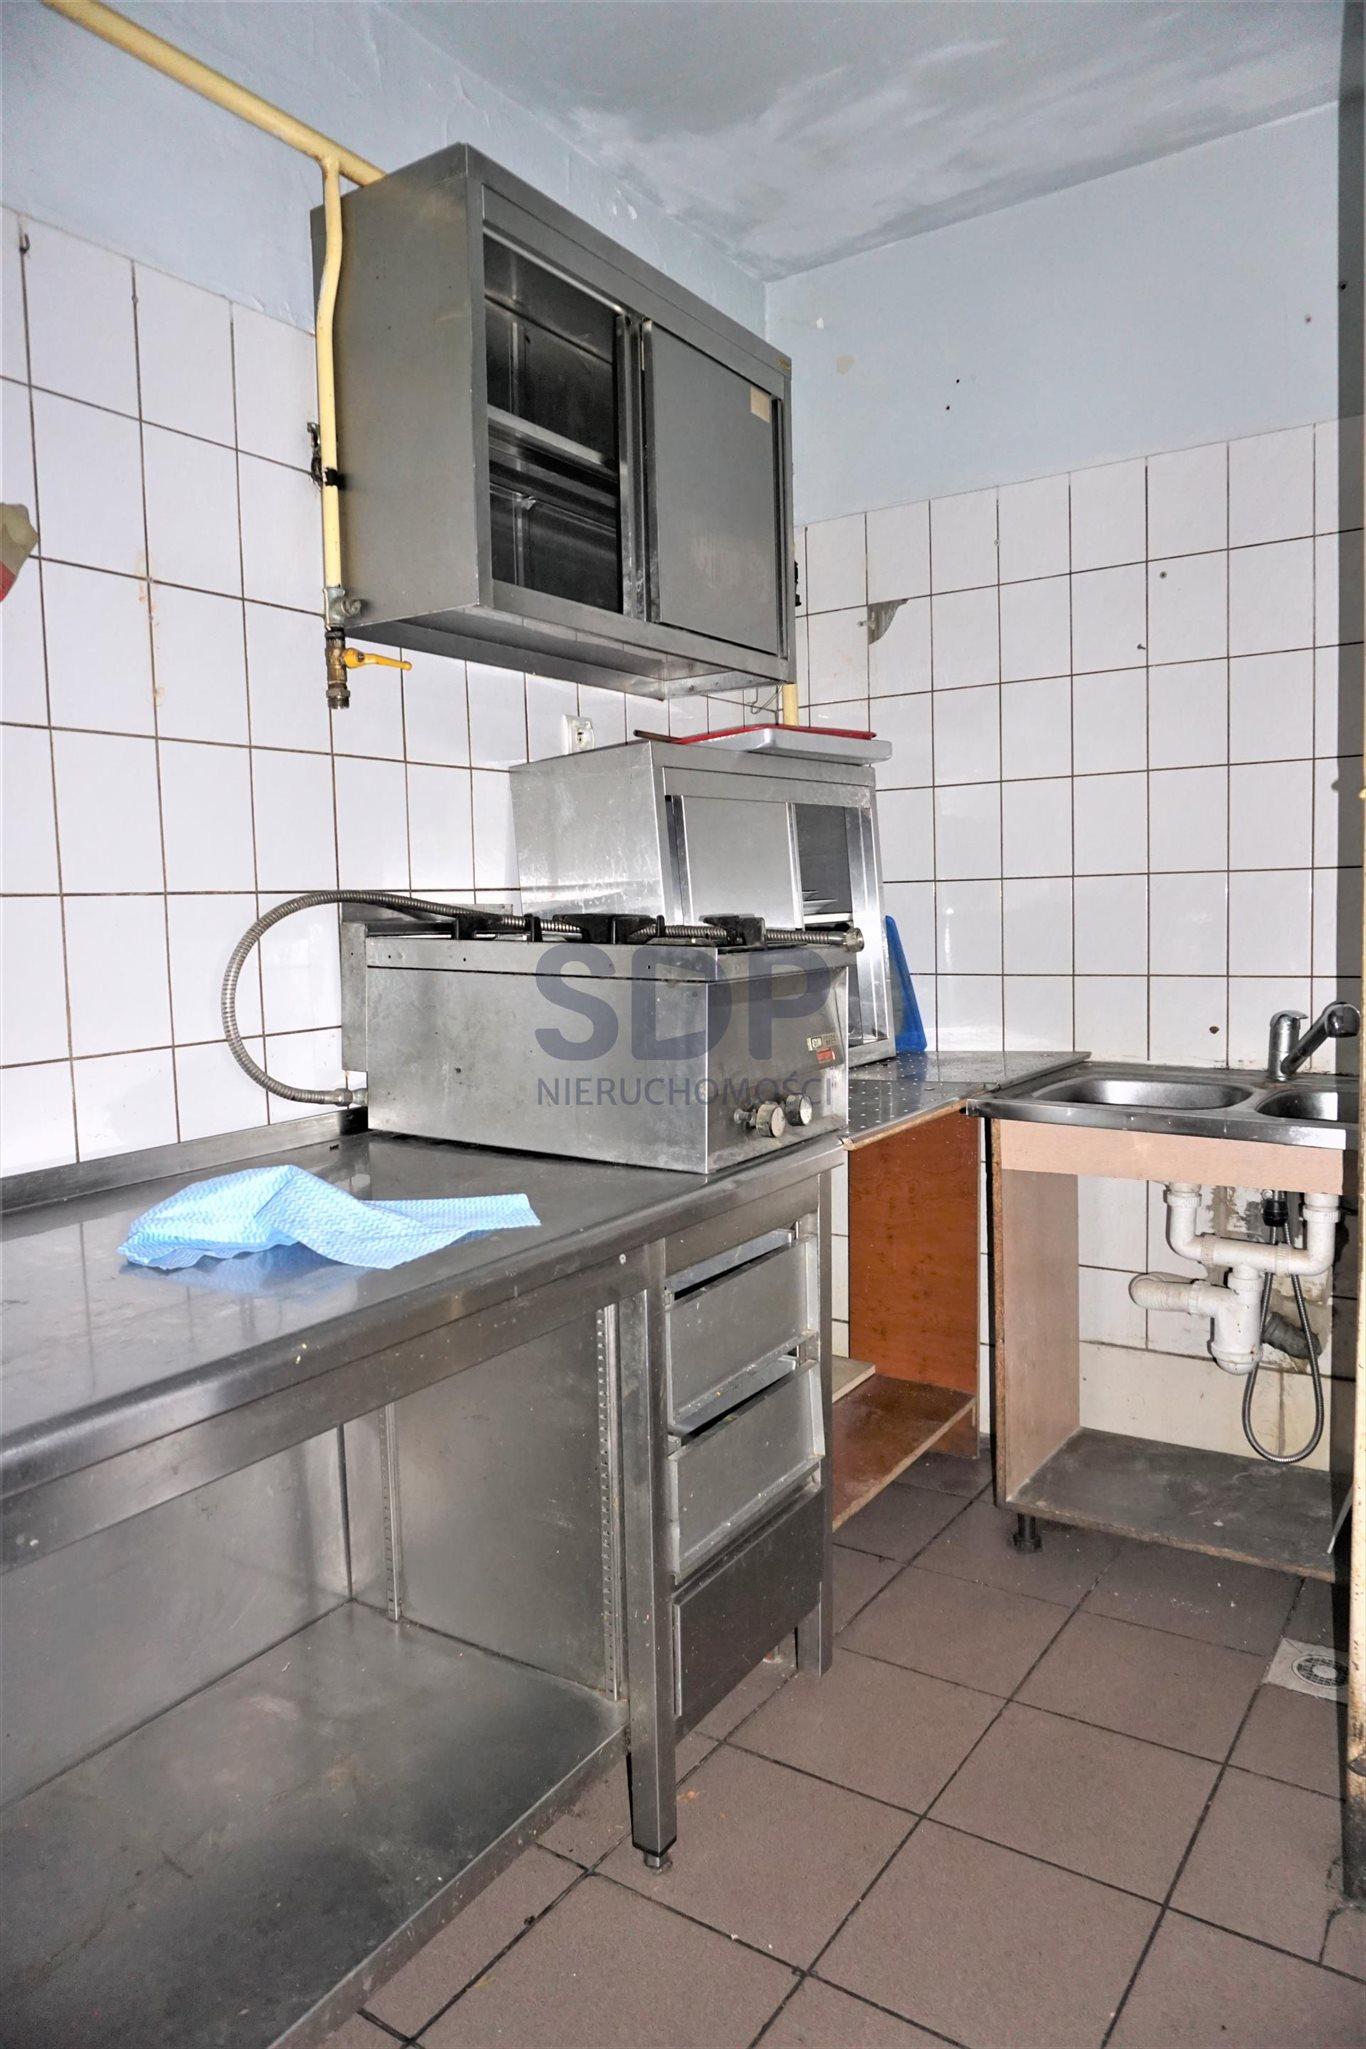 Lokal użytkowy na wynajem Wrocław, Stare Miasto, Stare Miasto, Sądowa  115m2 Foto 11